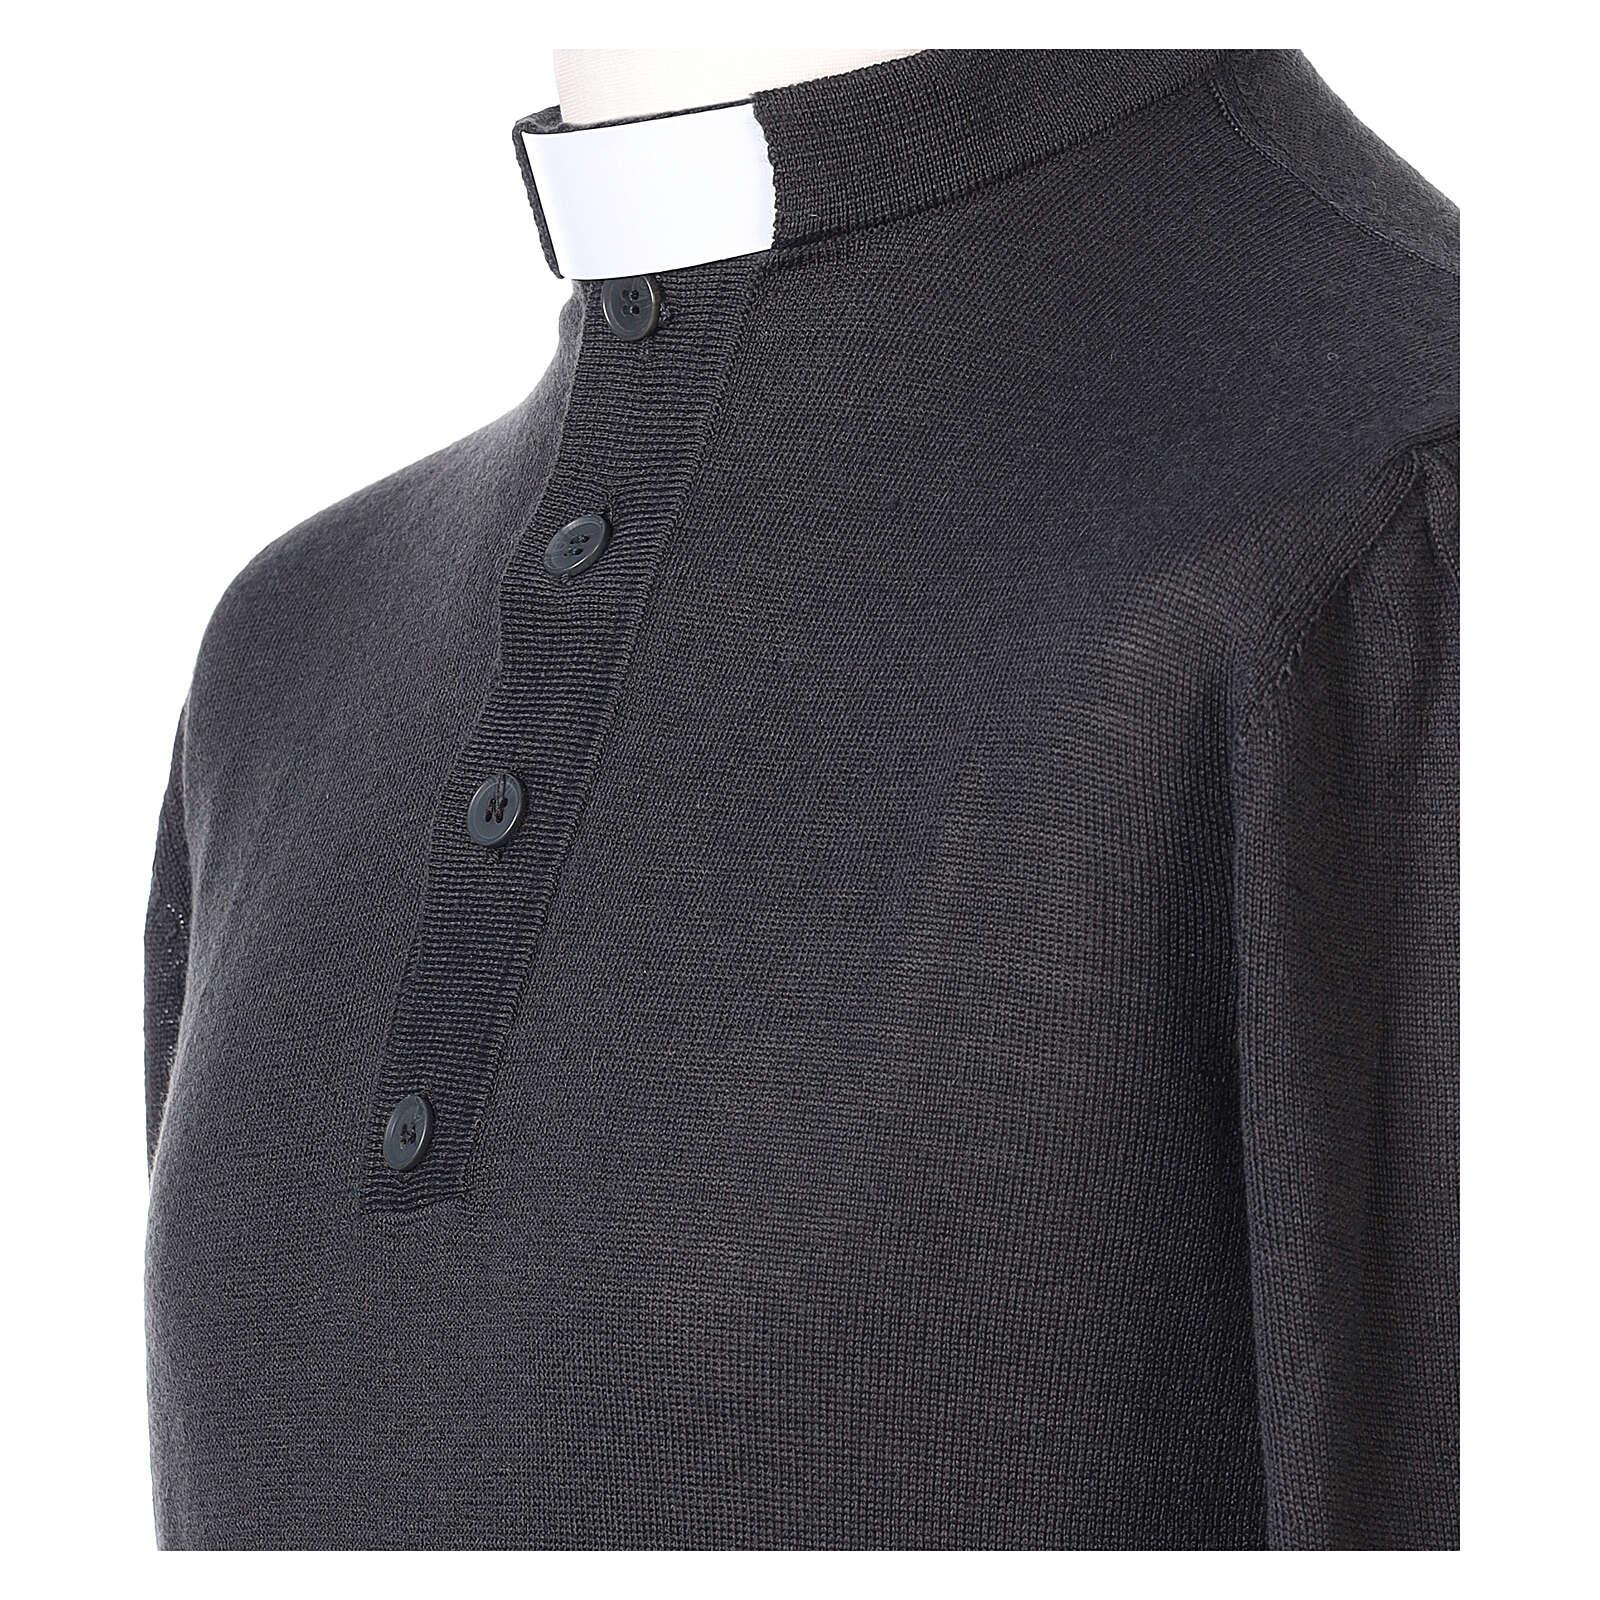 Maglia Lana Merinos collo clergy Grigio scuro 4